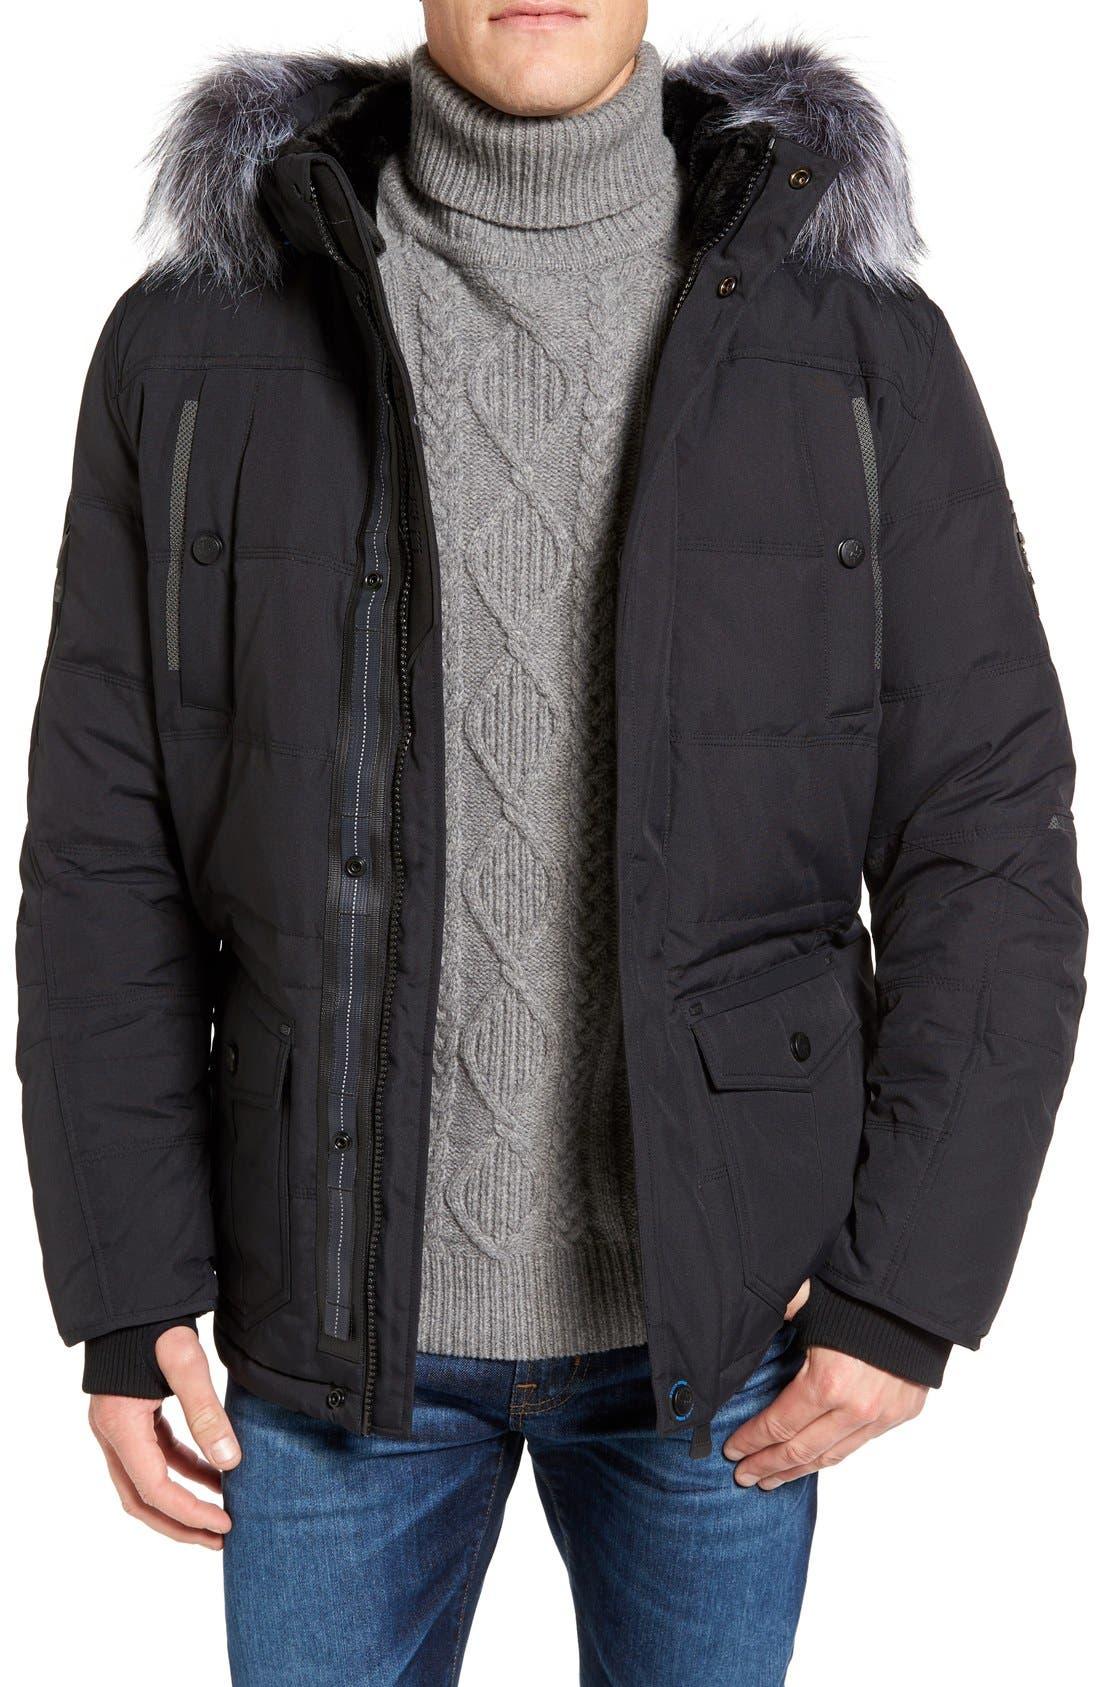 Down Jacket with Faux Fur Trim,                             Main thumbnail 1, color,                             001